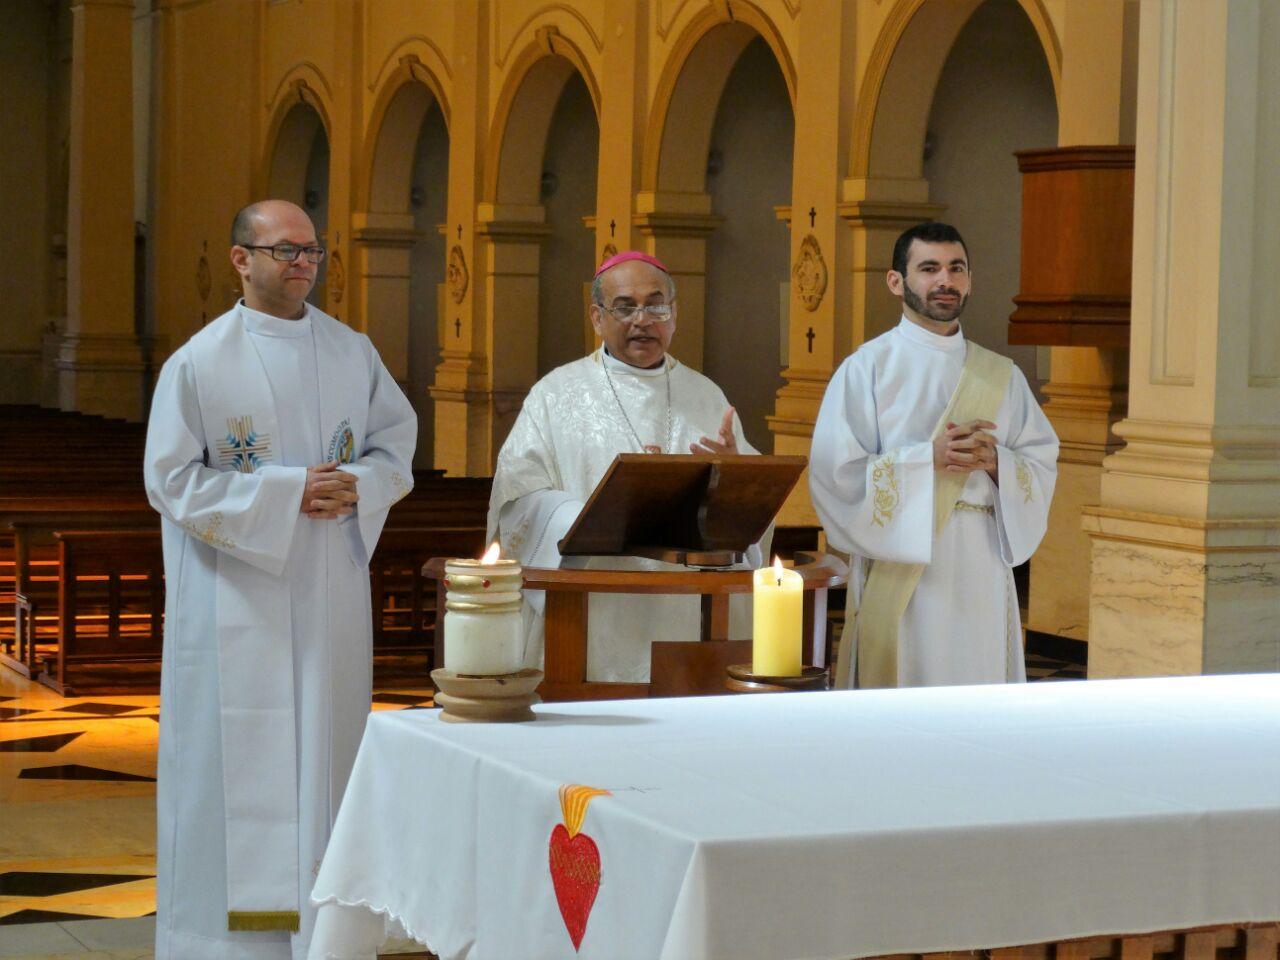 Da esq. para a dir.: padre Matheus, dom Francisco Carlos e o diácono Luiz no retiro anual do clero da diocese de Lins.